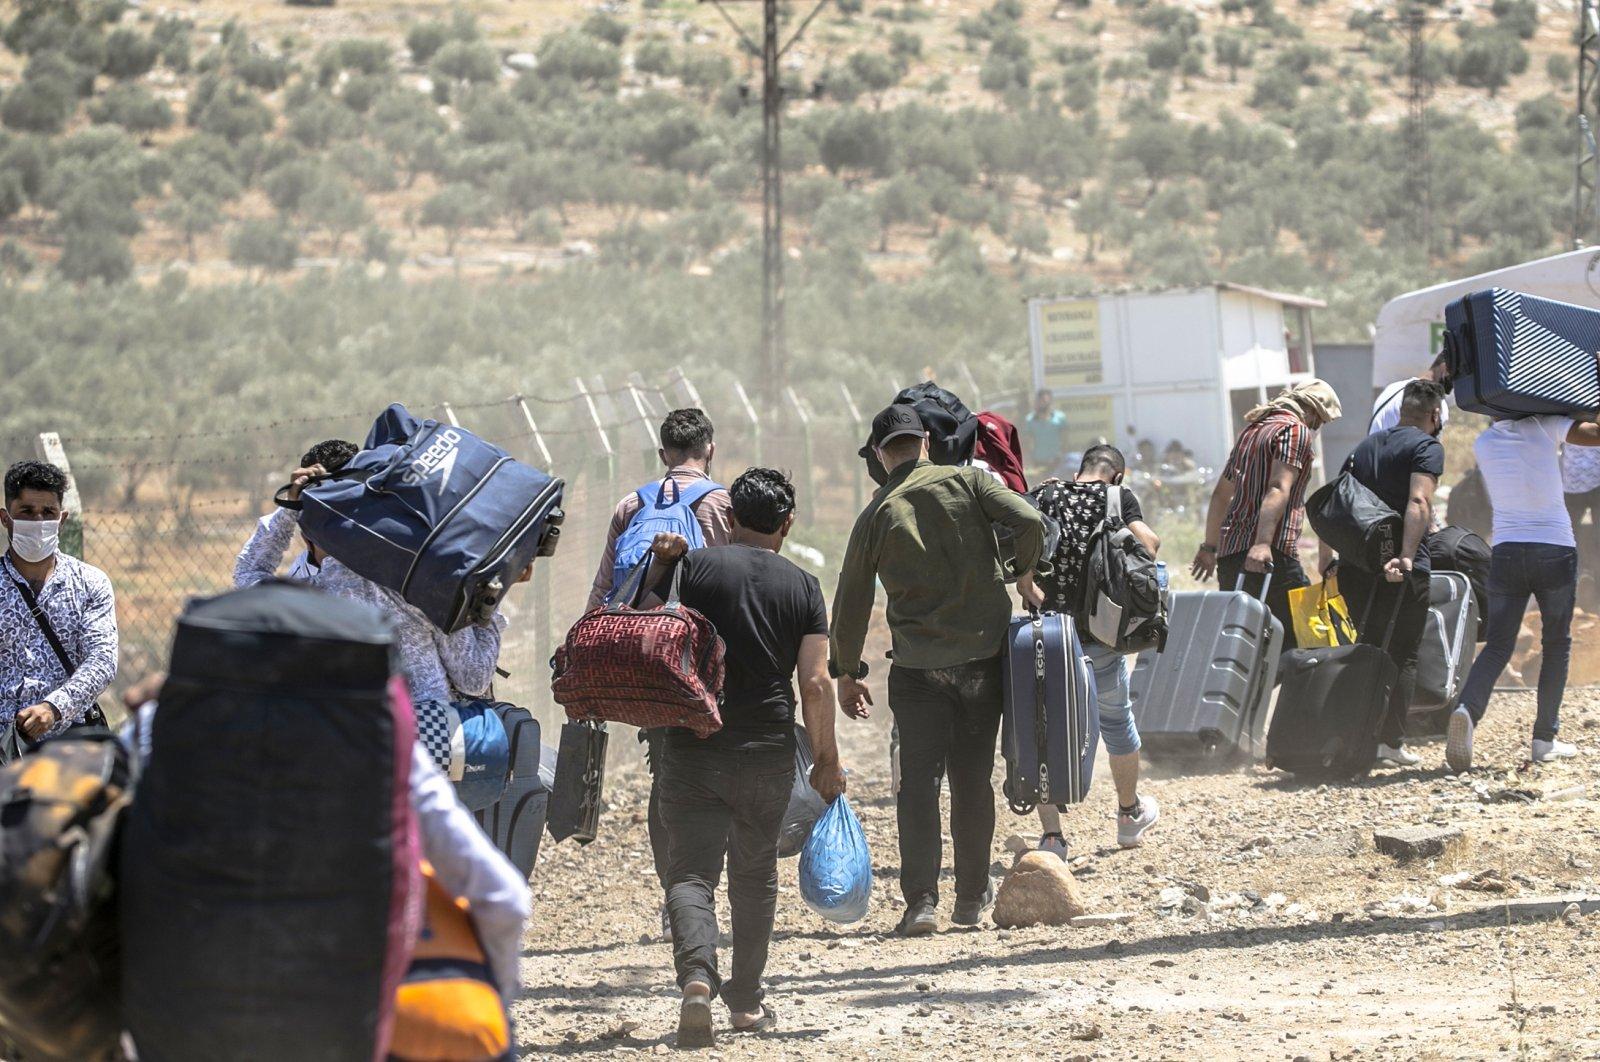 Syrians return to their homes in Syria ahead of Eid al-Adha from Cilvegozu border gate in Hatay, Turkey on July 11, 2021. (AA Photo)